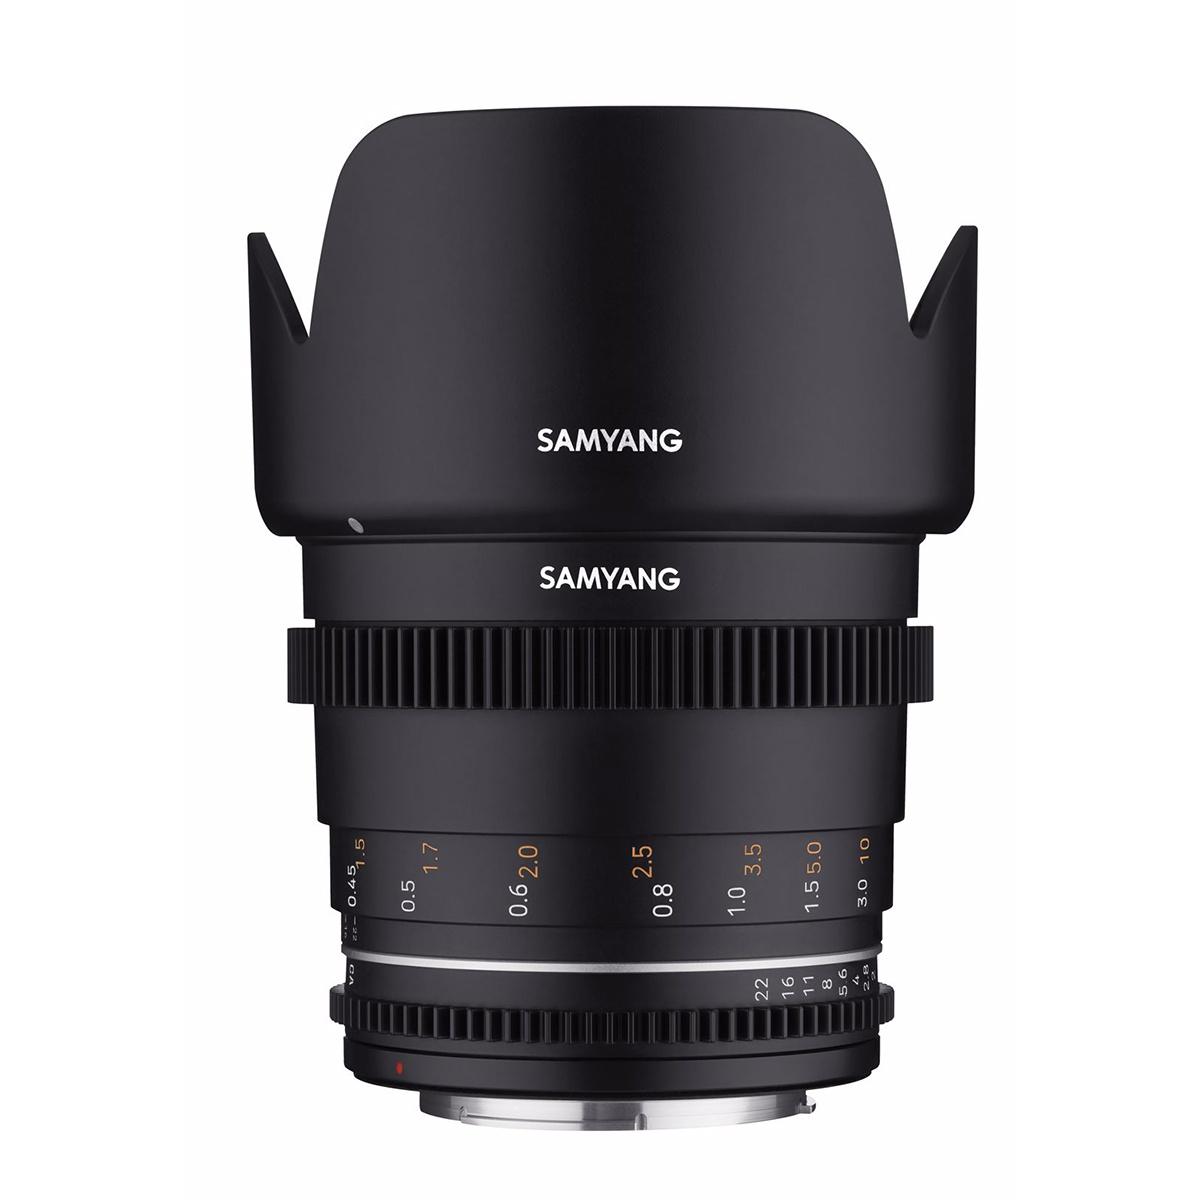 SAMYANG 50mm T1.5 VDSLR MK2 Nikon F